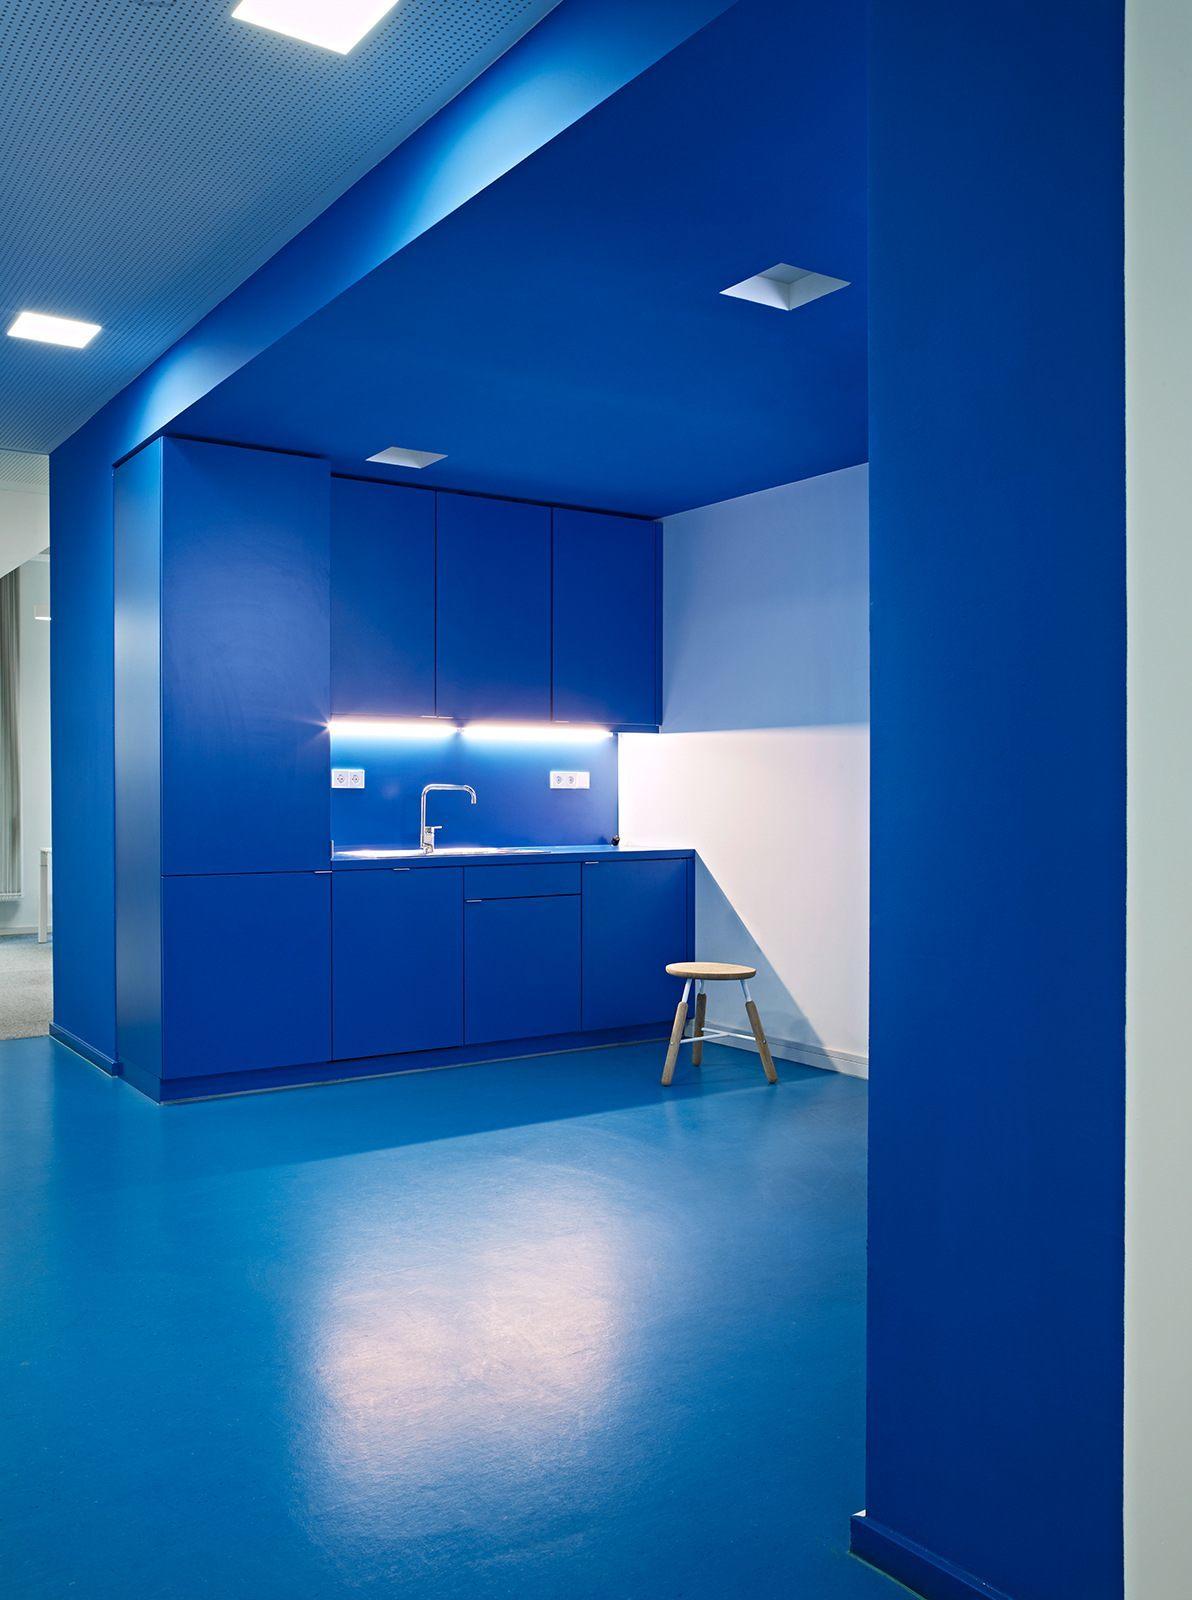 A Peek Inside Groupons Stylish Berlin Office